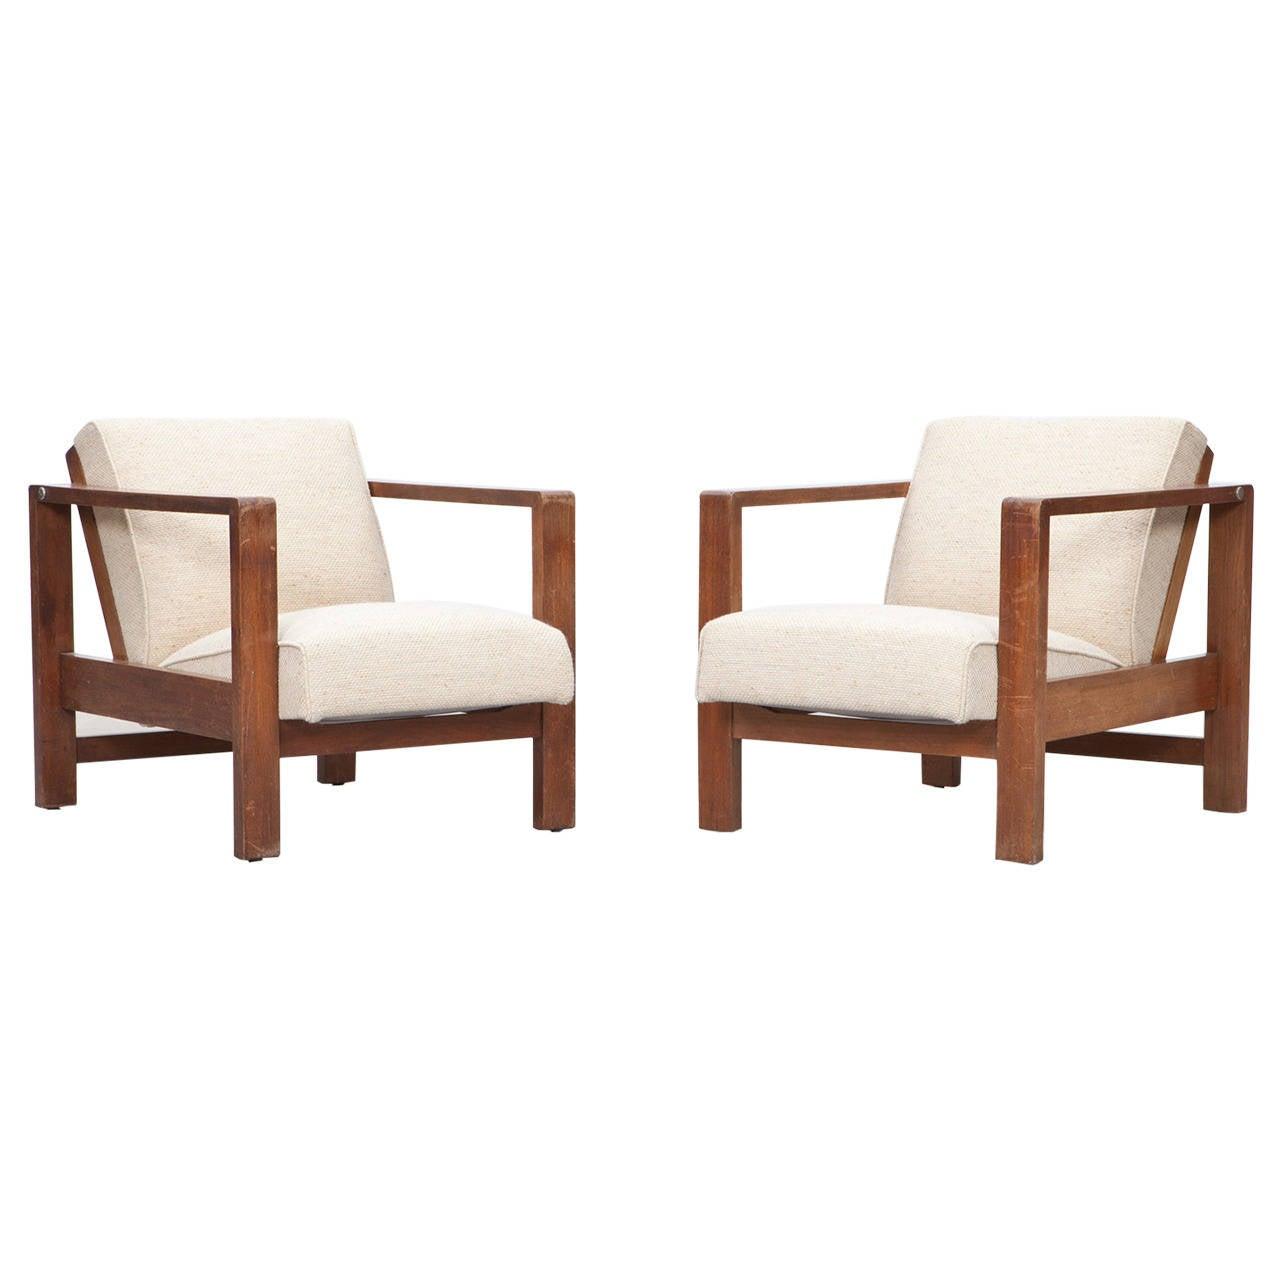 Bauhaus tubular steel lounge chair at 1stdibs - Erich Dieckmann Lounge Chairs 1